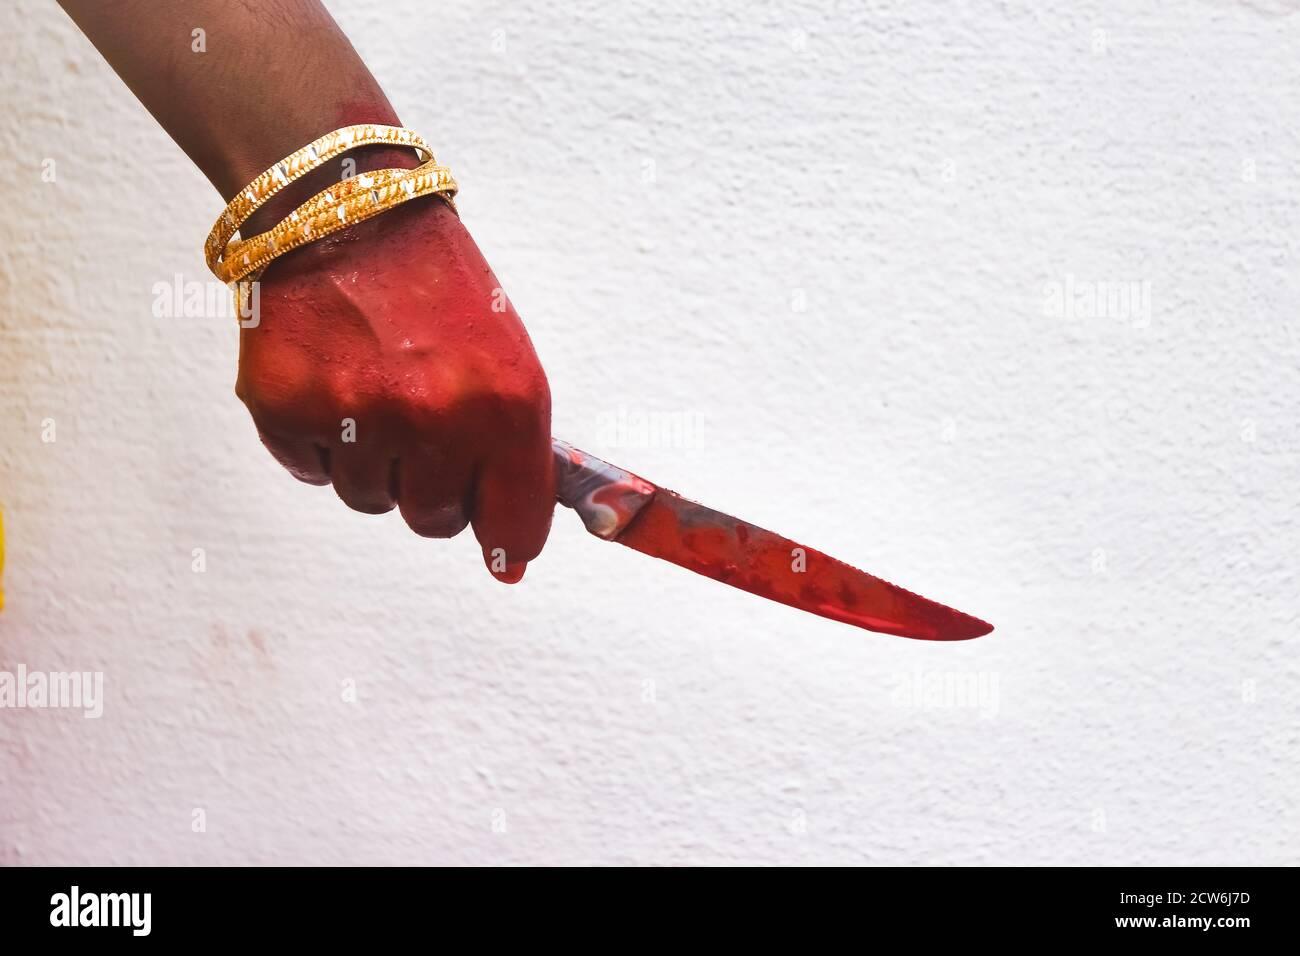 Frau hält Messer an der Hand mit Blut Horror von Angst, sie Rache ermordet von ihrem Geliebten. Toxics Beziehung Konzept & Halloween Tag Festival c Stockfoto